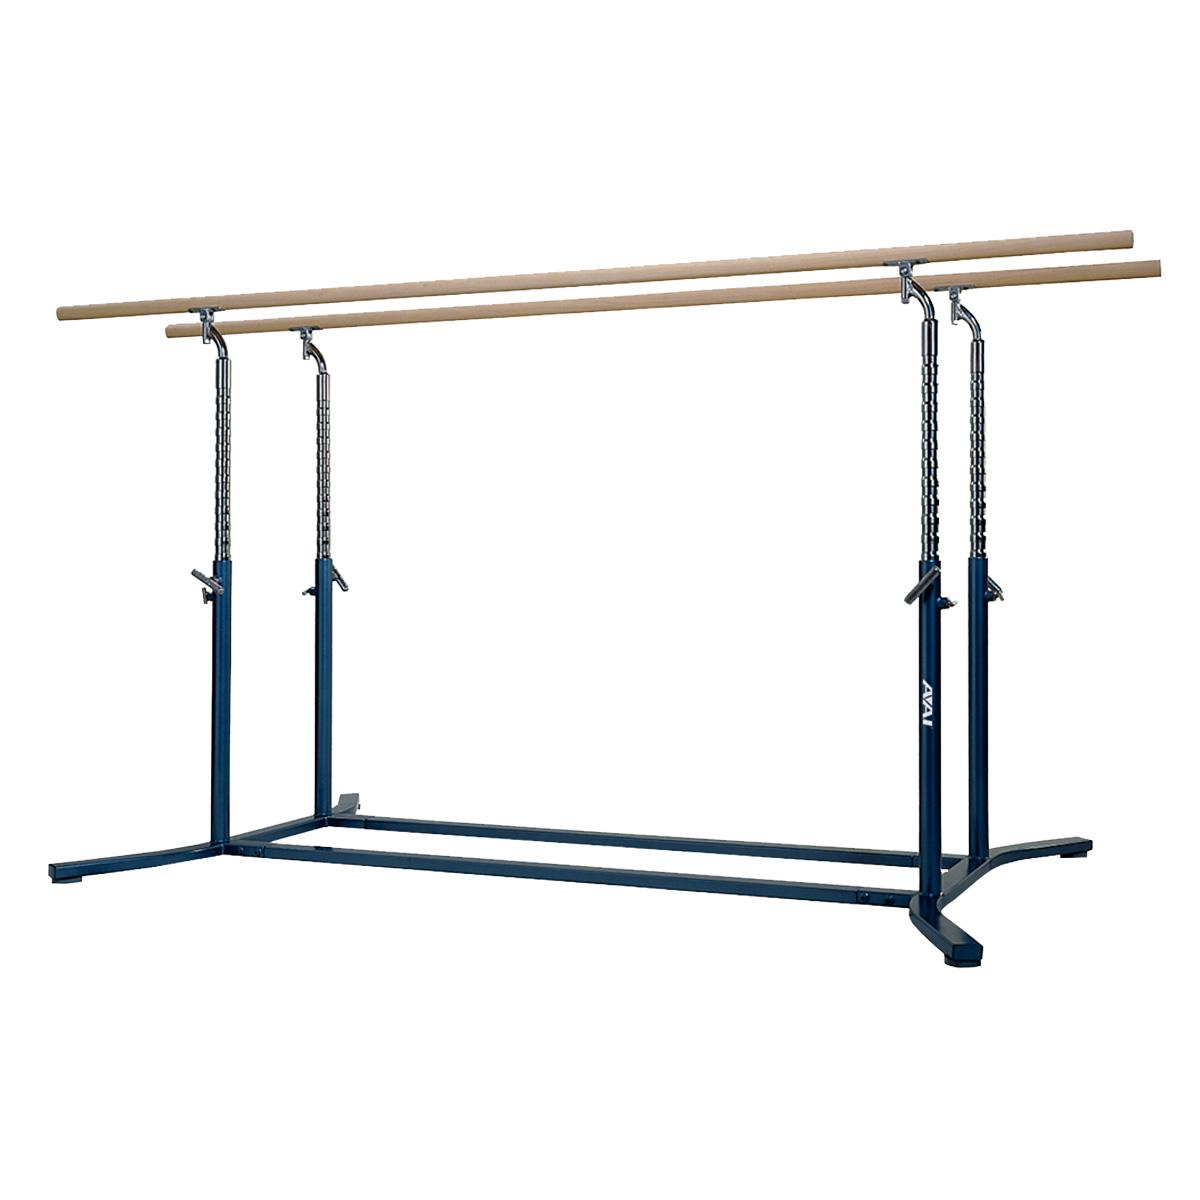 aai classic gymnastics parallel bars - mancino mats